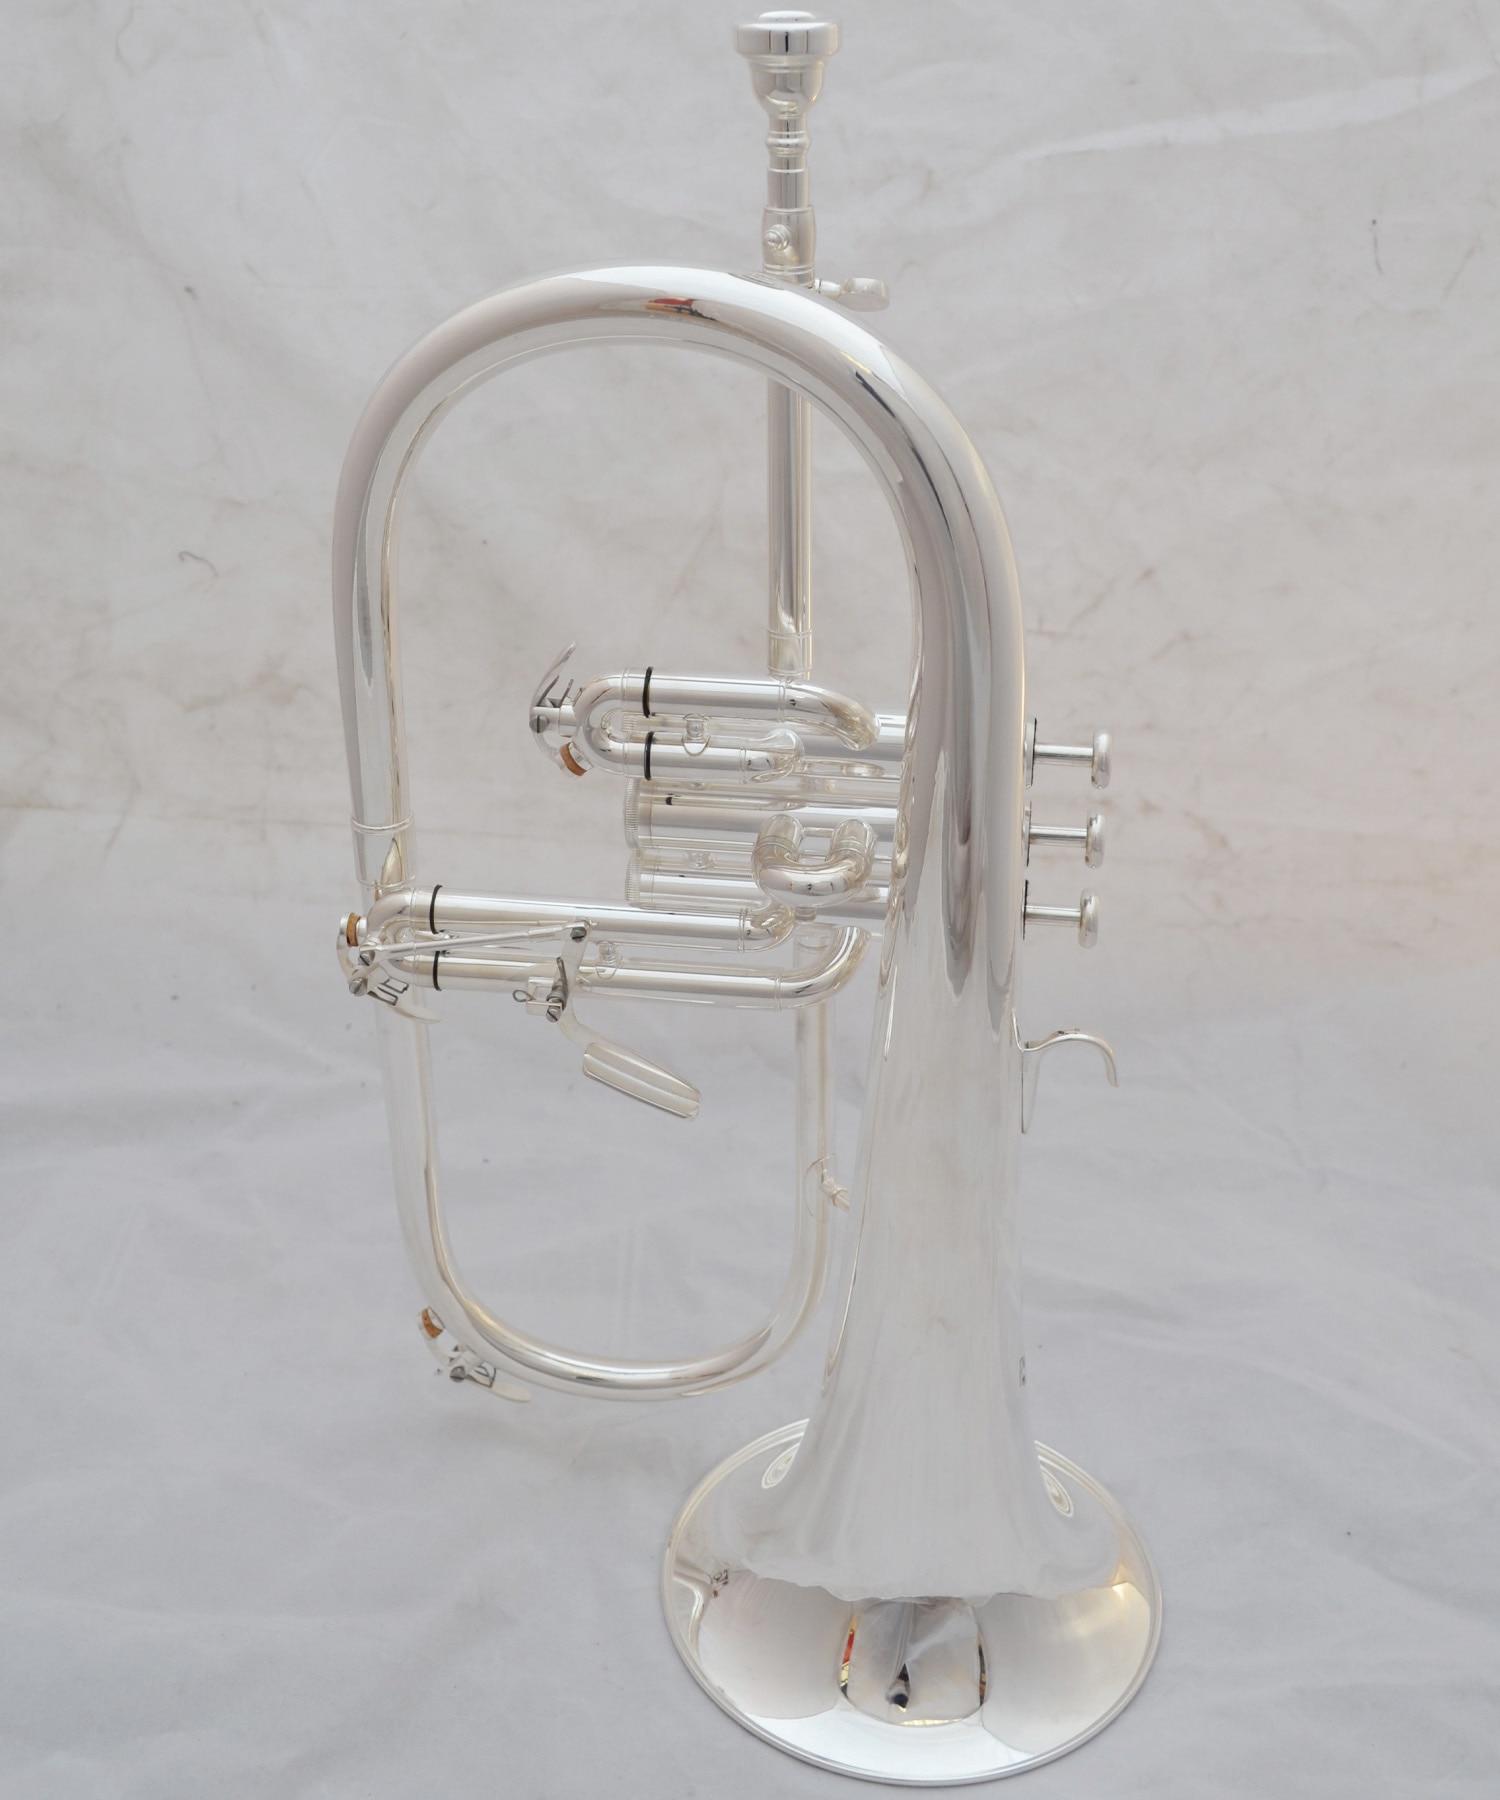 Музыка Fancier клуб Профессиональный flugelhorn 183S посеребренный с чехол для профессиональных flugelhorn s Bb желтый Латунный Колокольчик